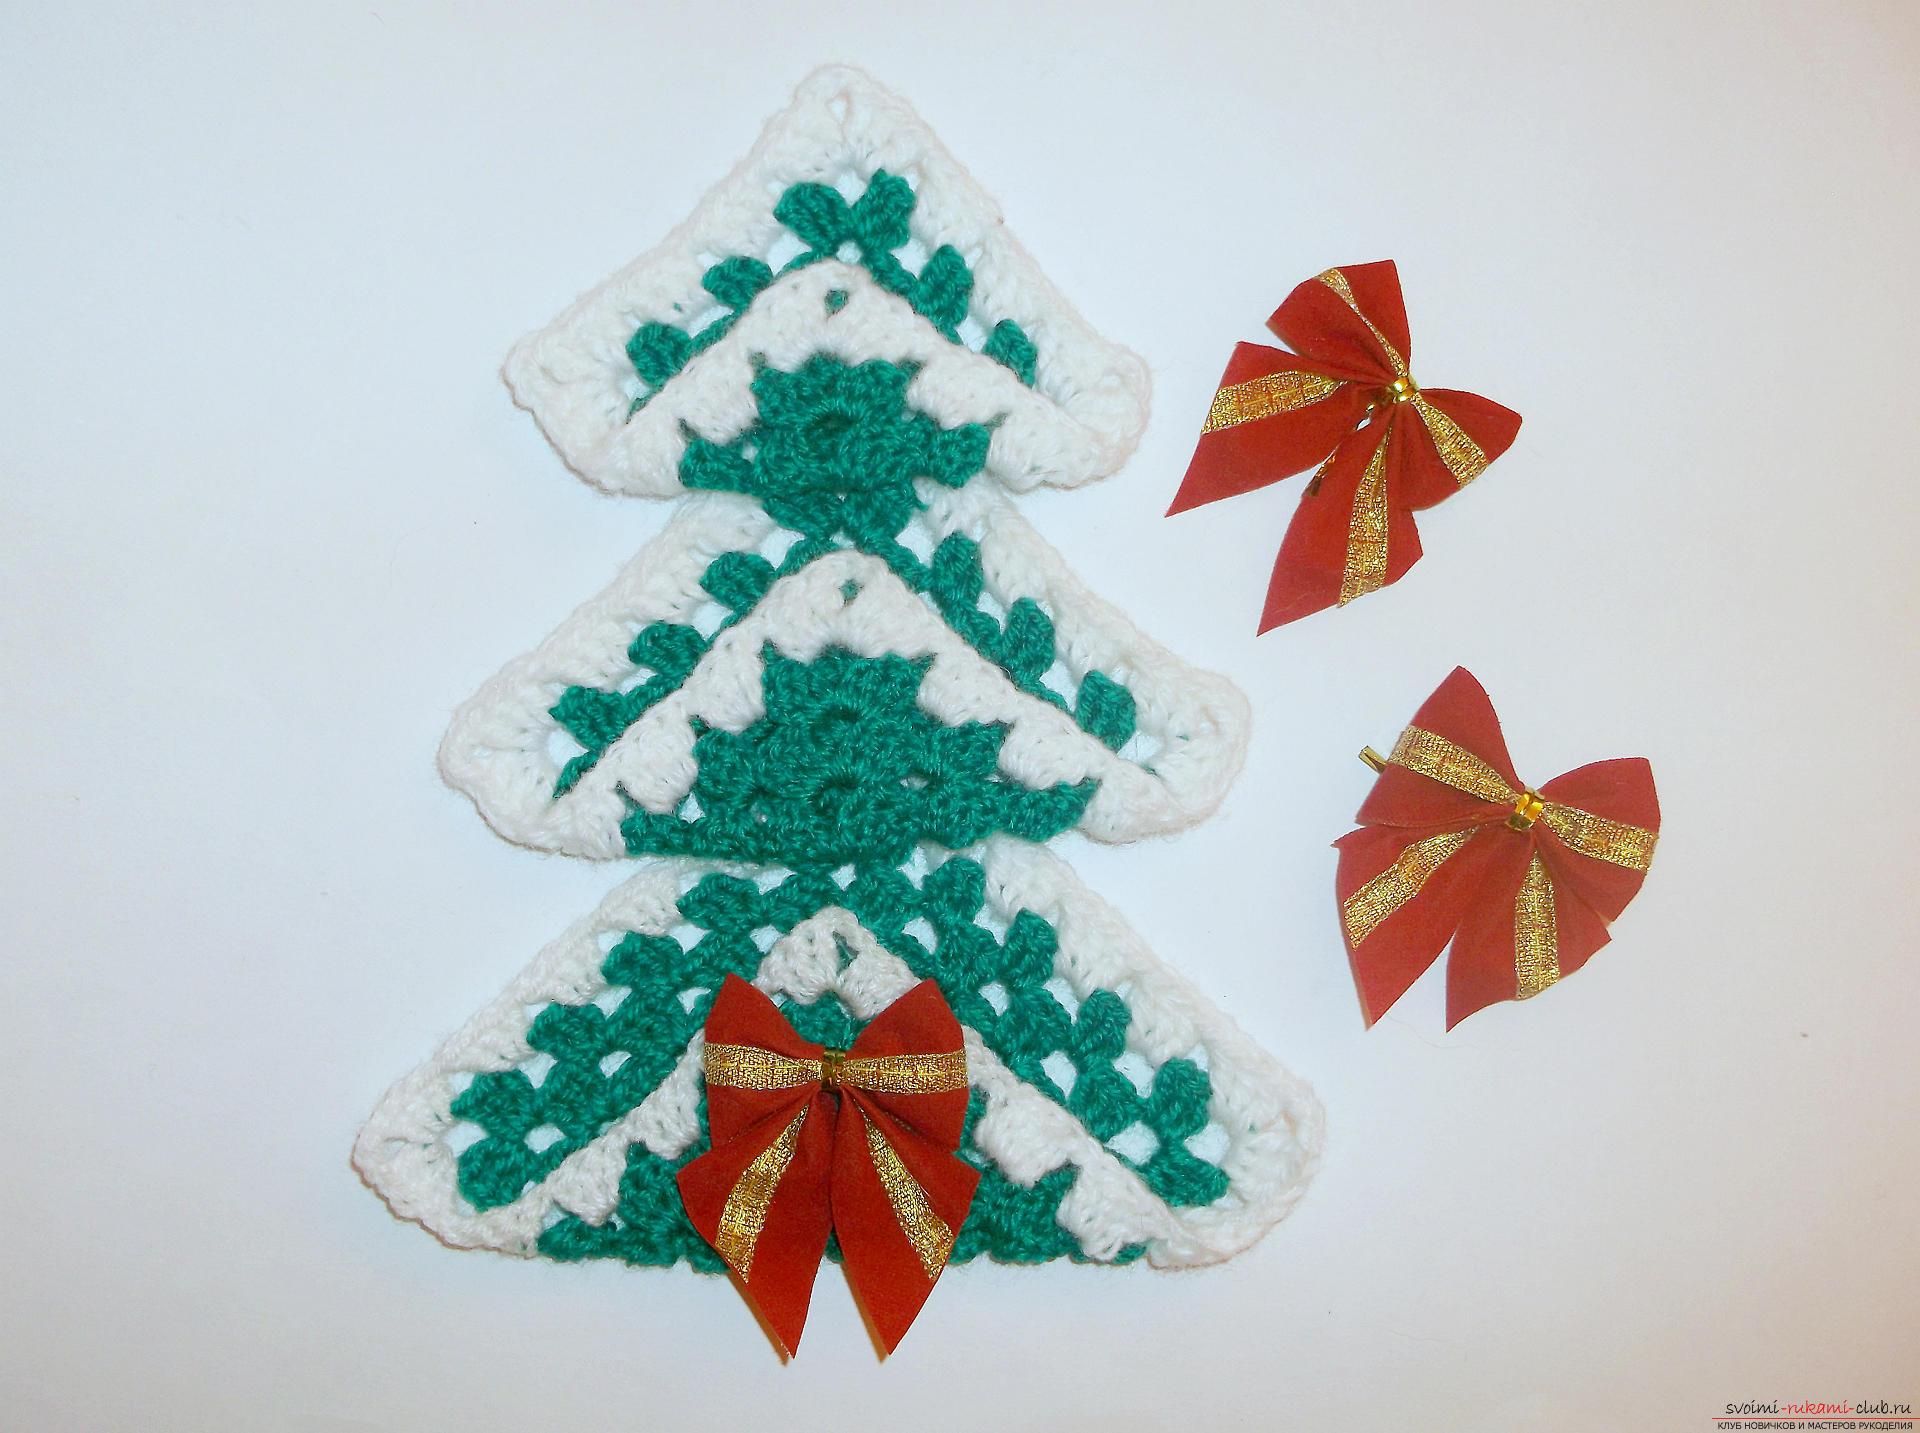 Как связать новогоднюю елочку крючком? Урок по вязанию крючком елочки с подробными инструкциями и фото